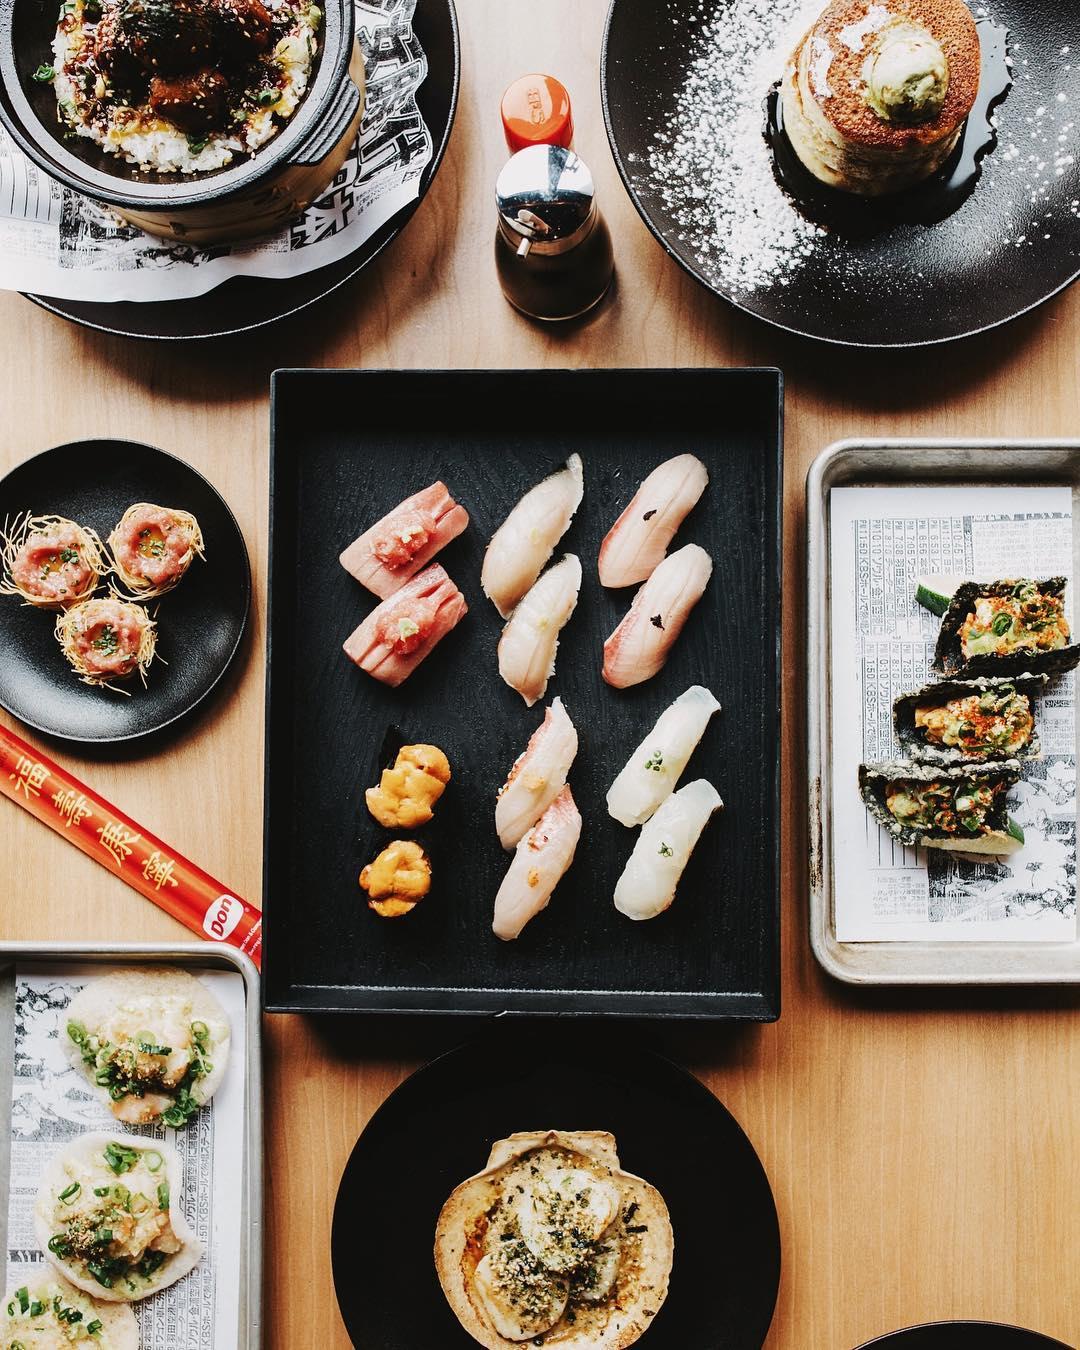 Food photography at Sushi San